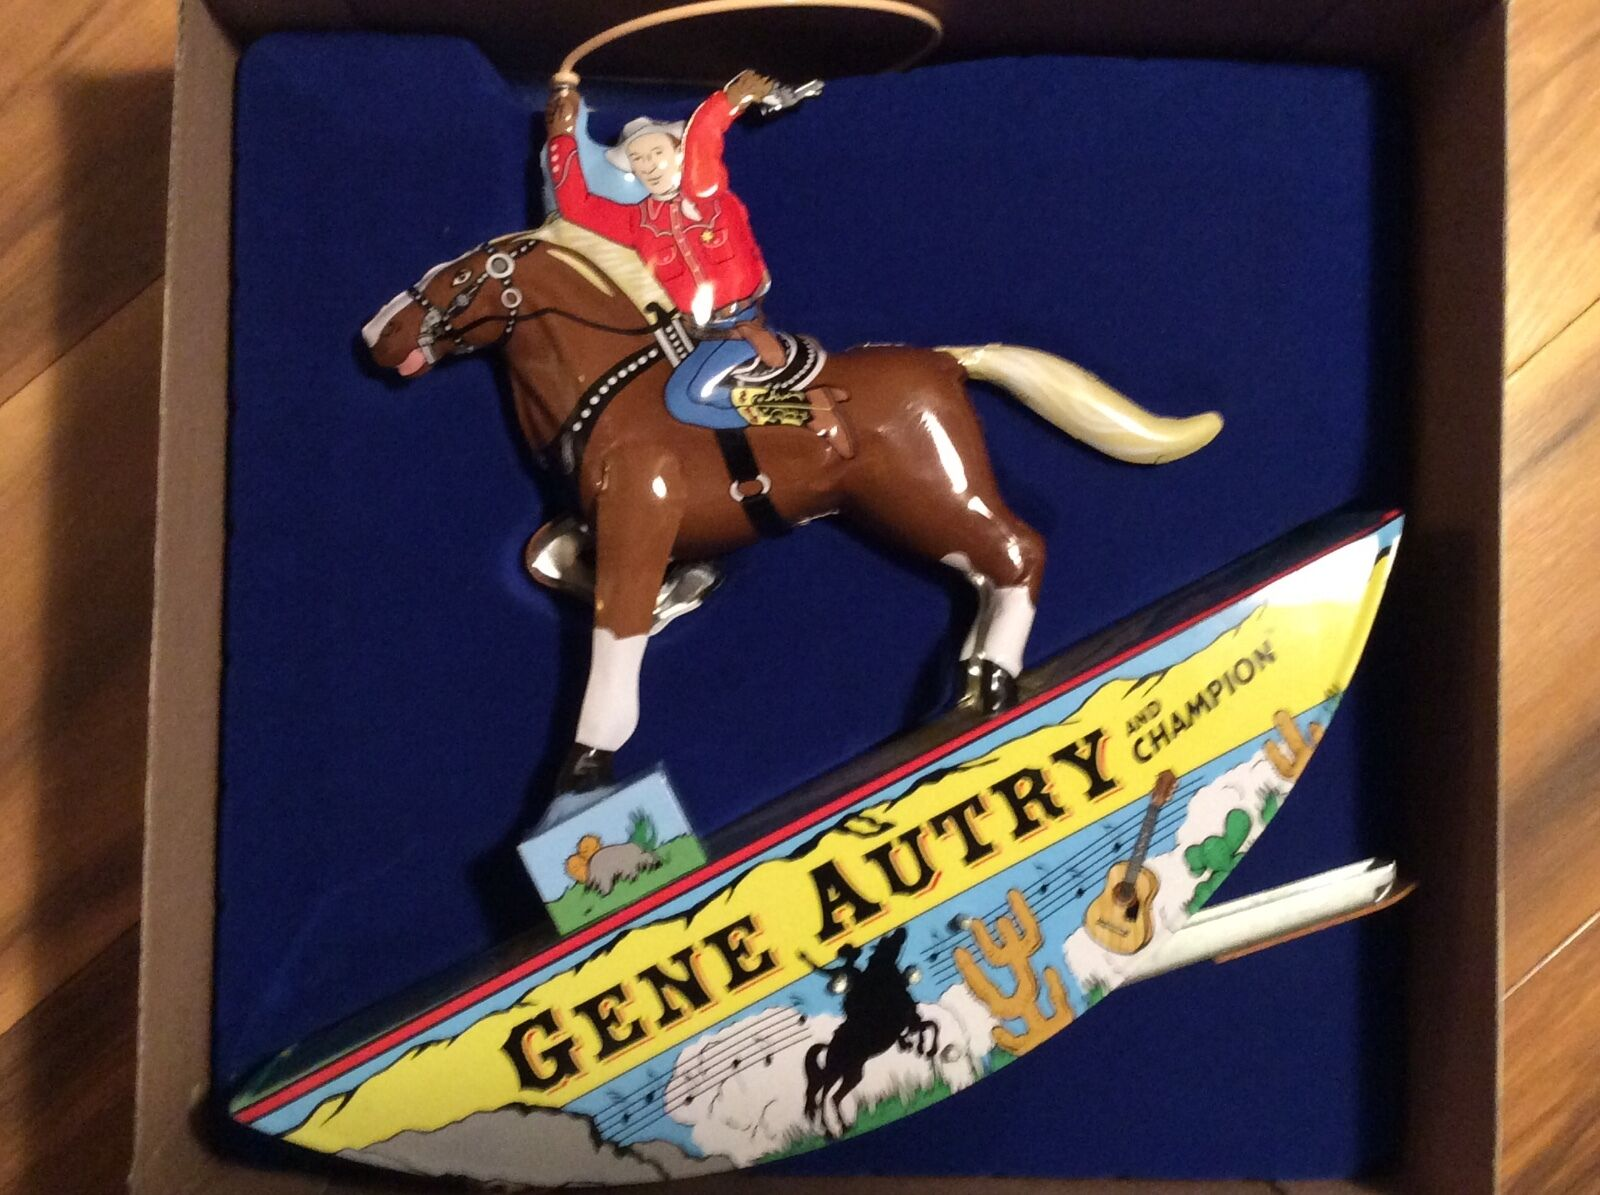 Gene Autry lata Schylling Wind Up Juguete Nuevo En Caja + certificado De Autenticidad Nuevo en Paquete